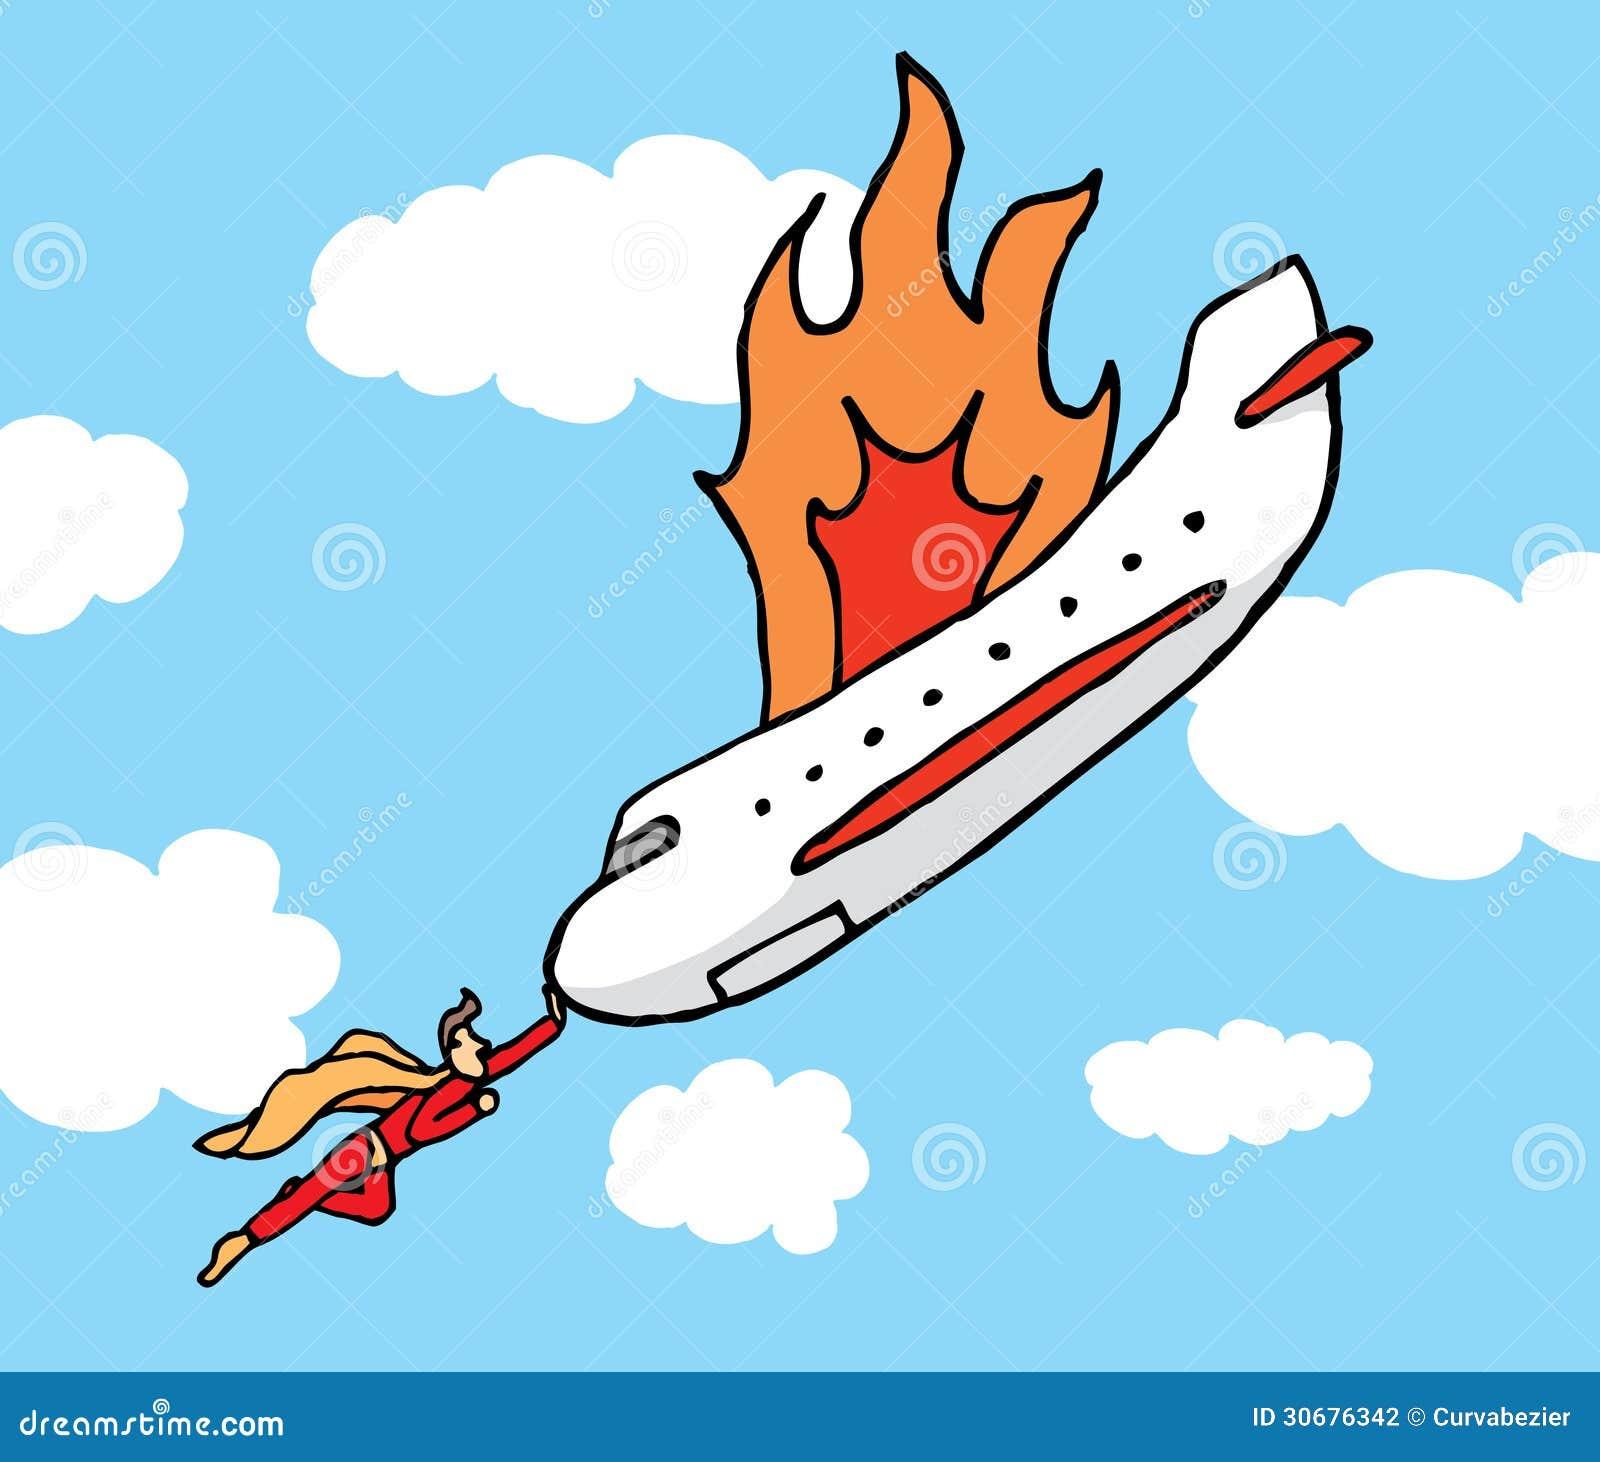 The Plane Super Hero